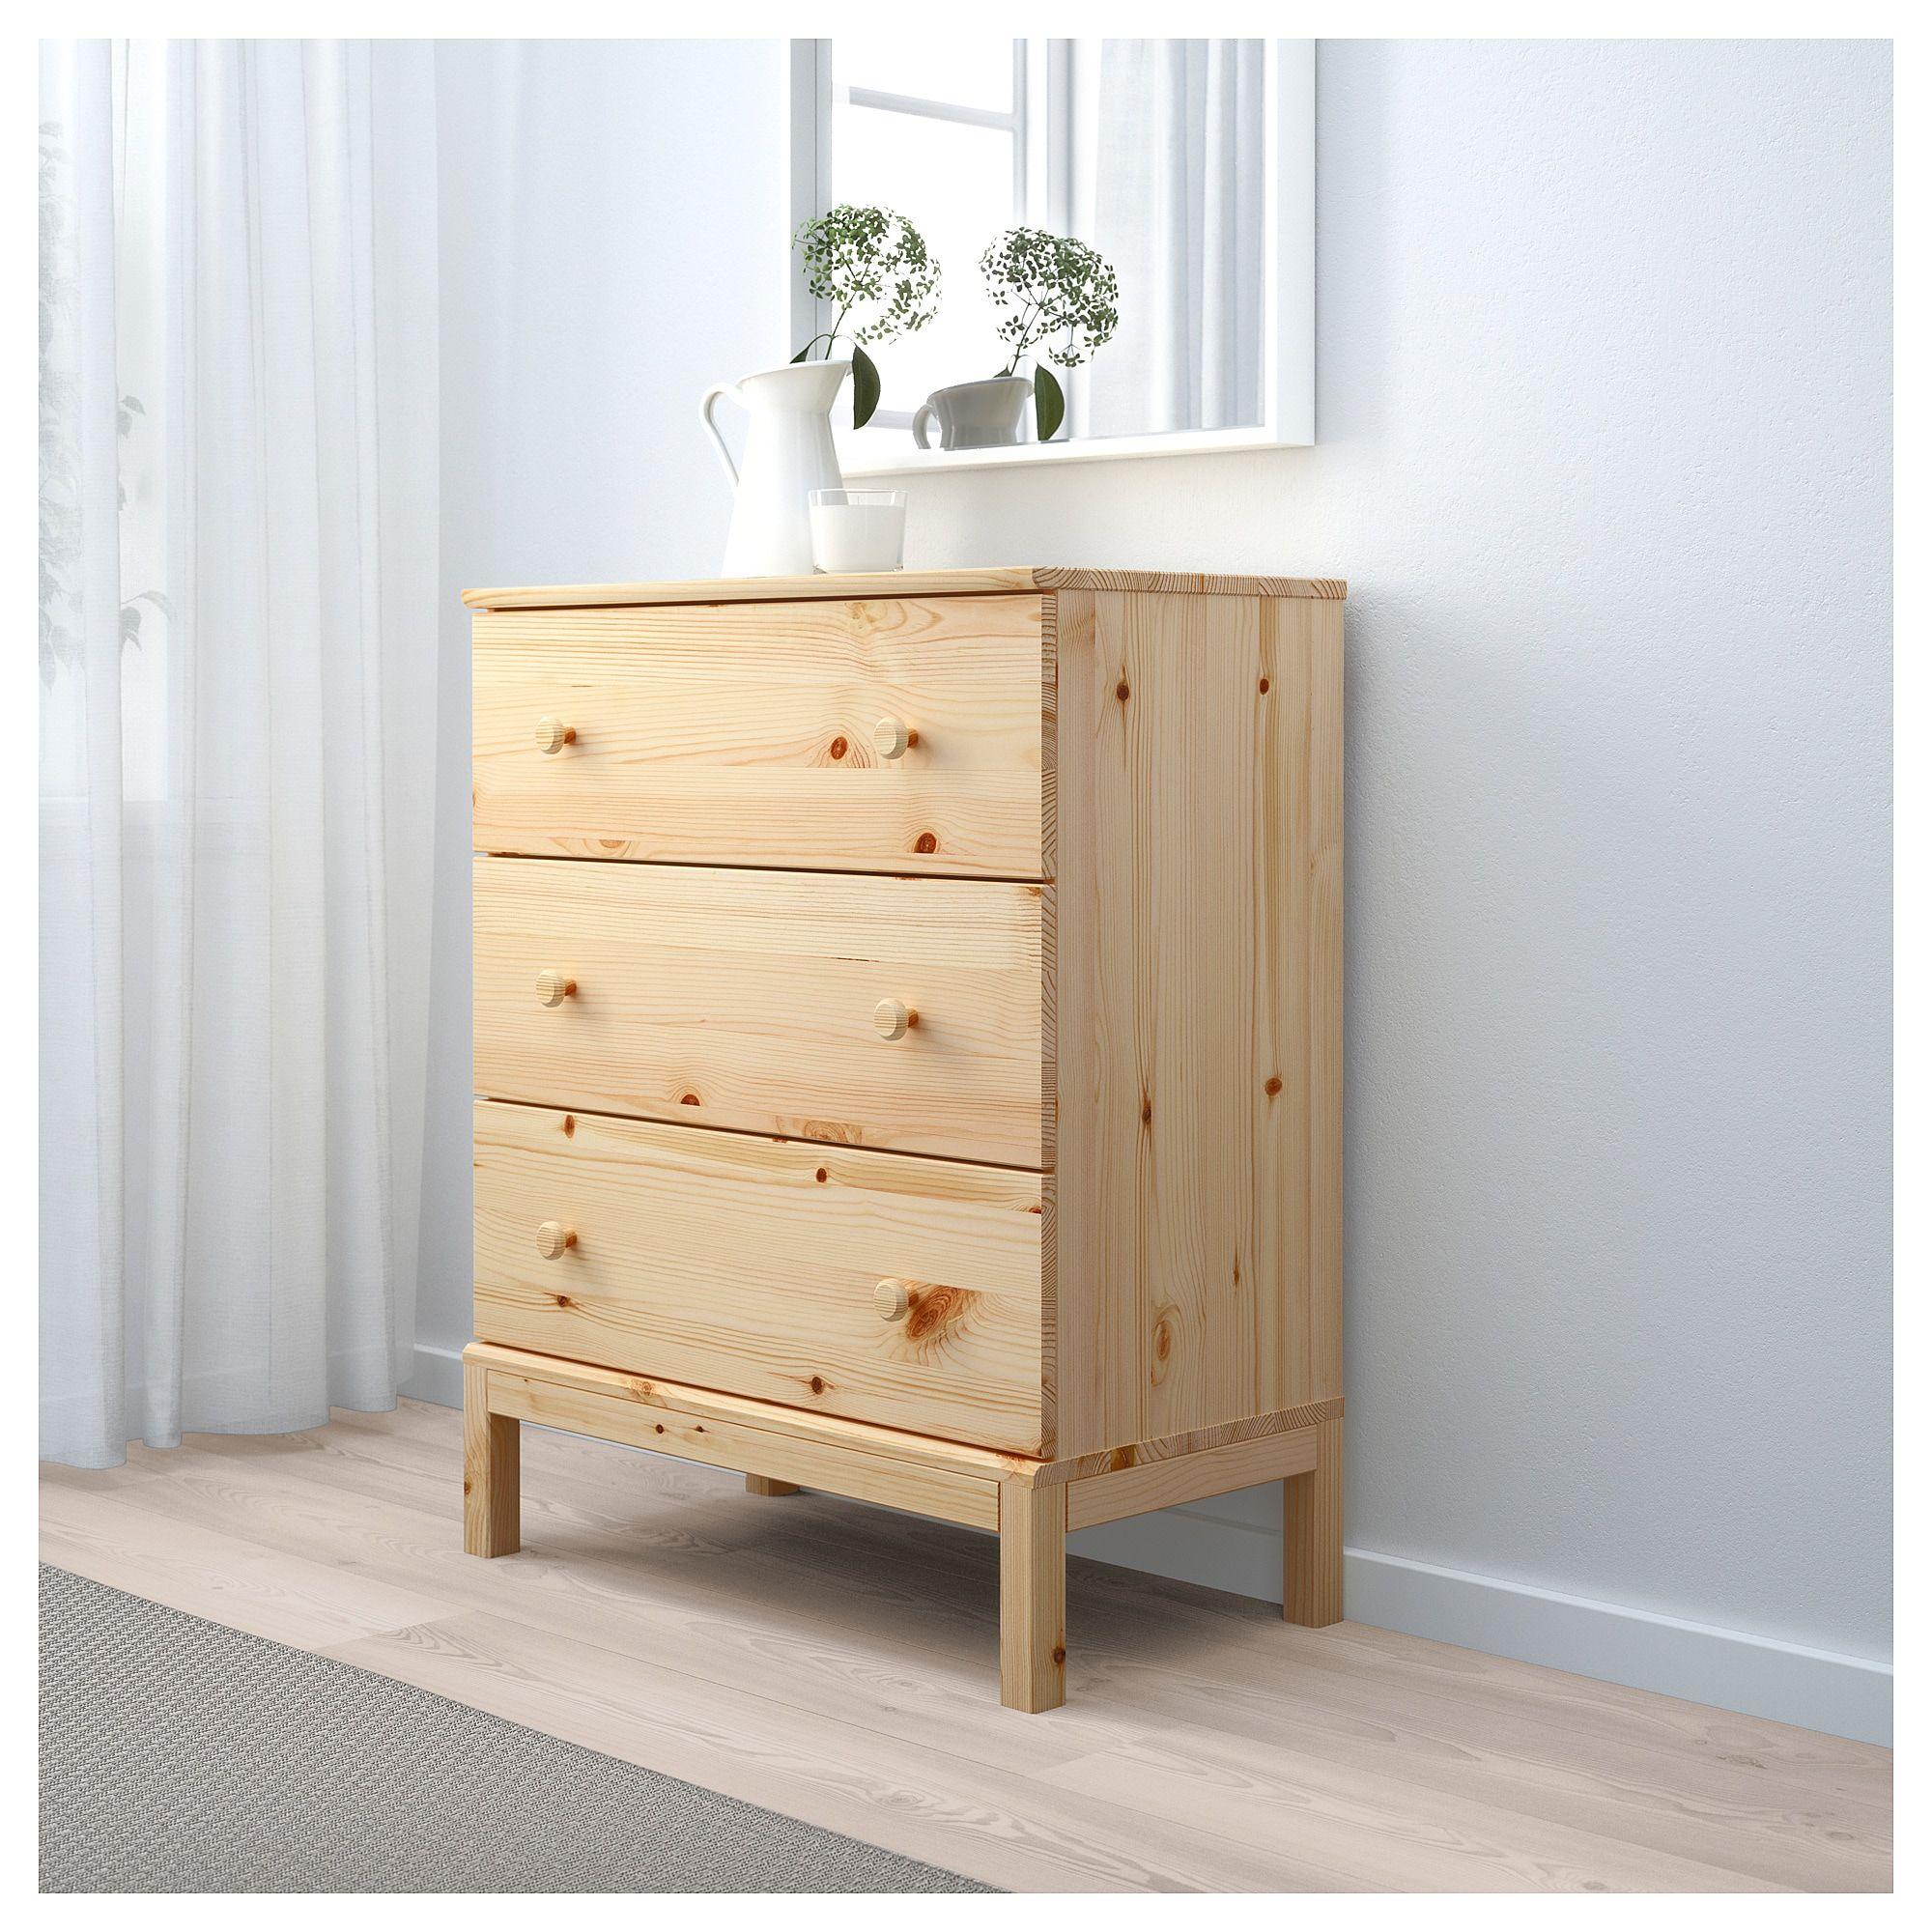 TARVA 3 drawer chest pine 29 78x36 14